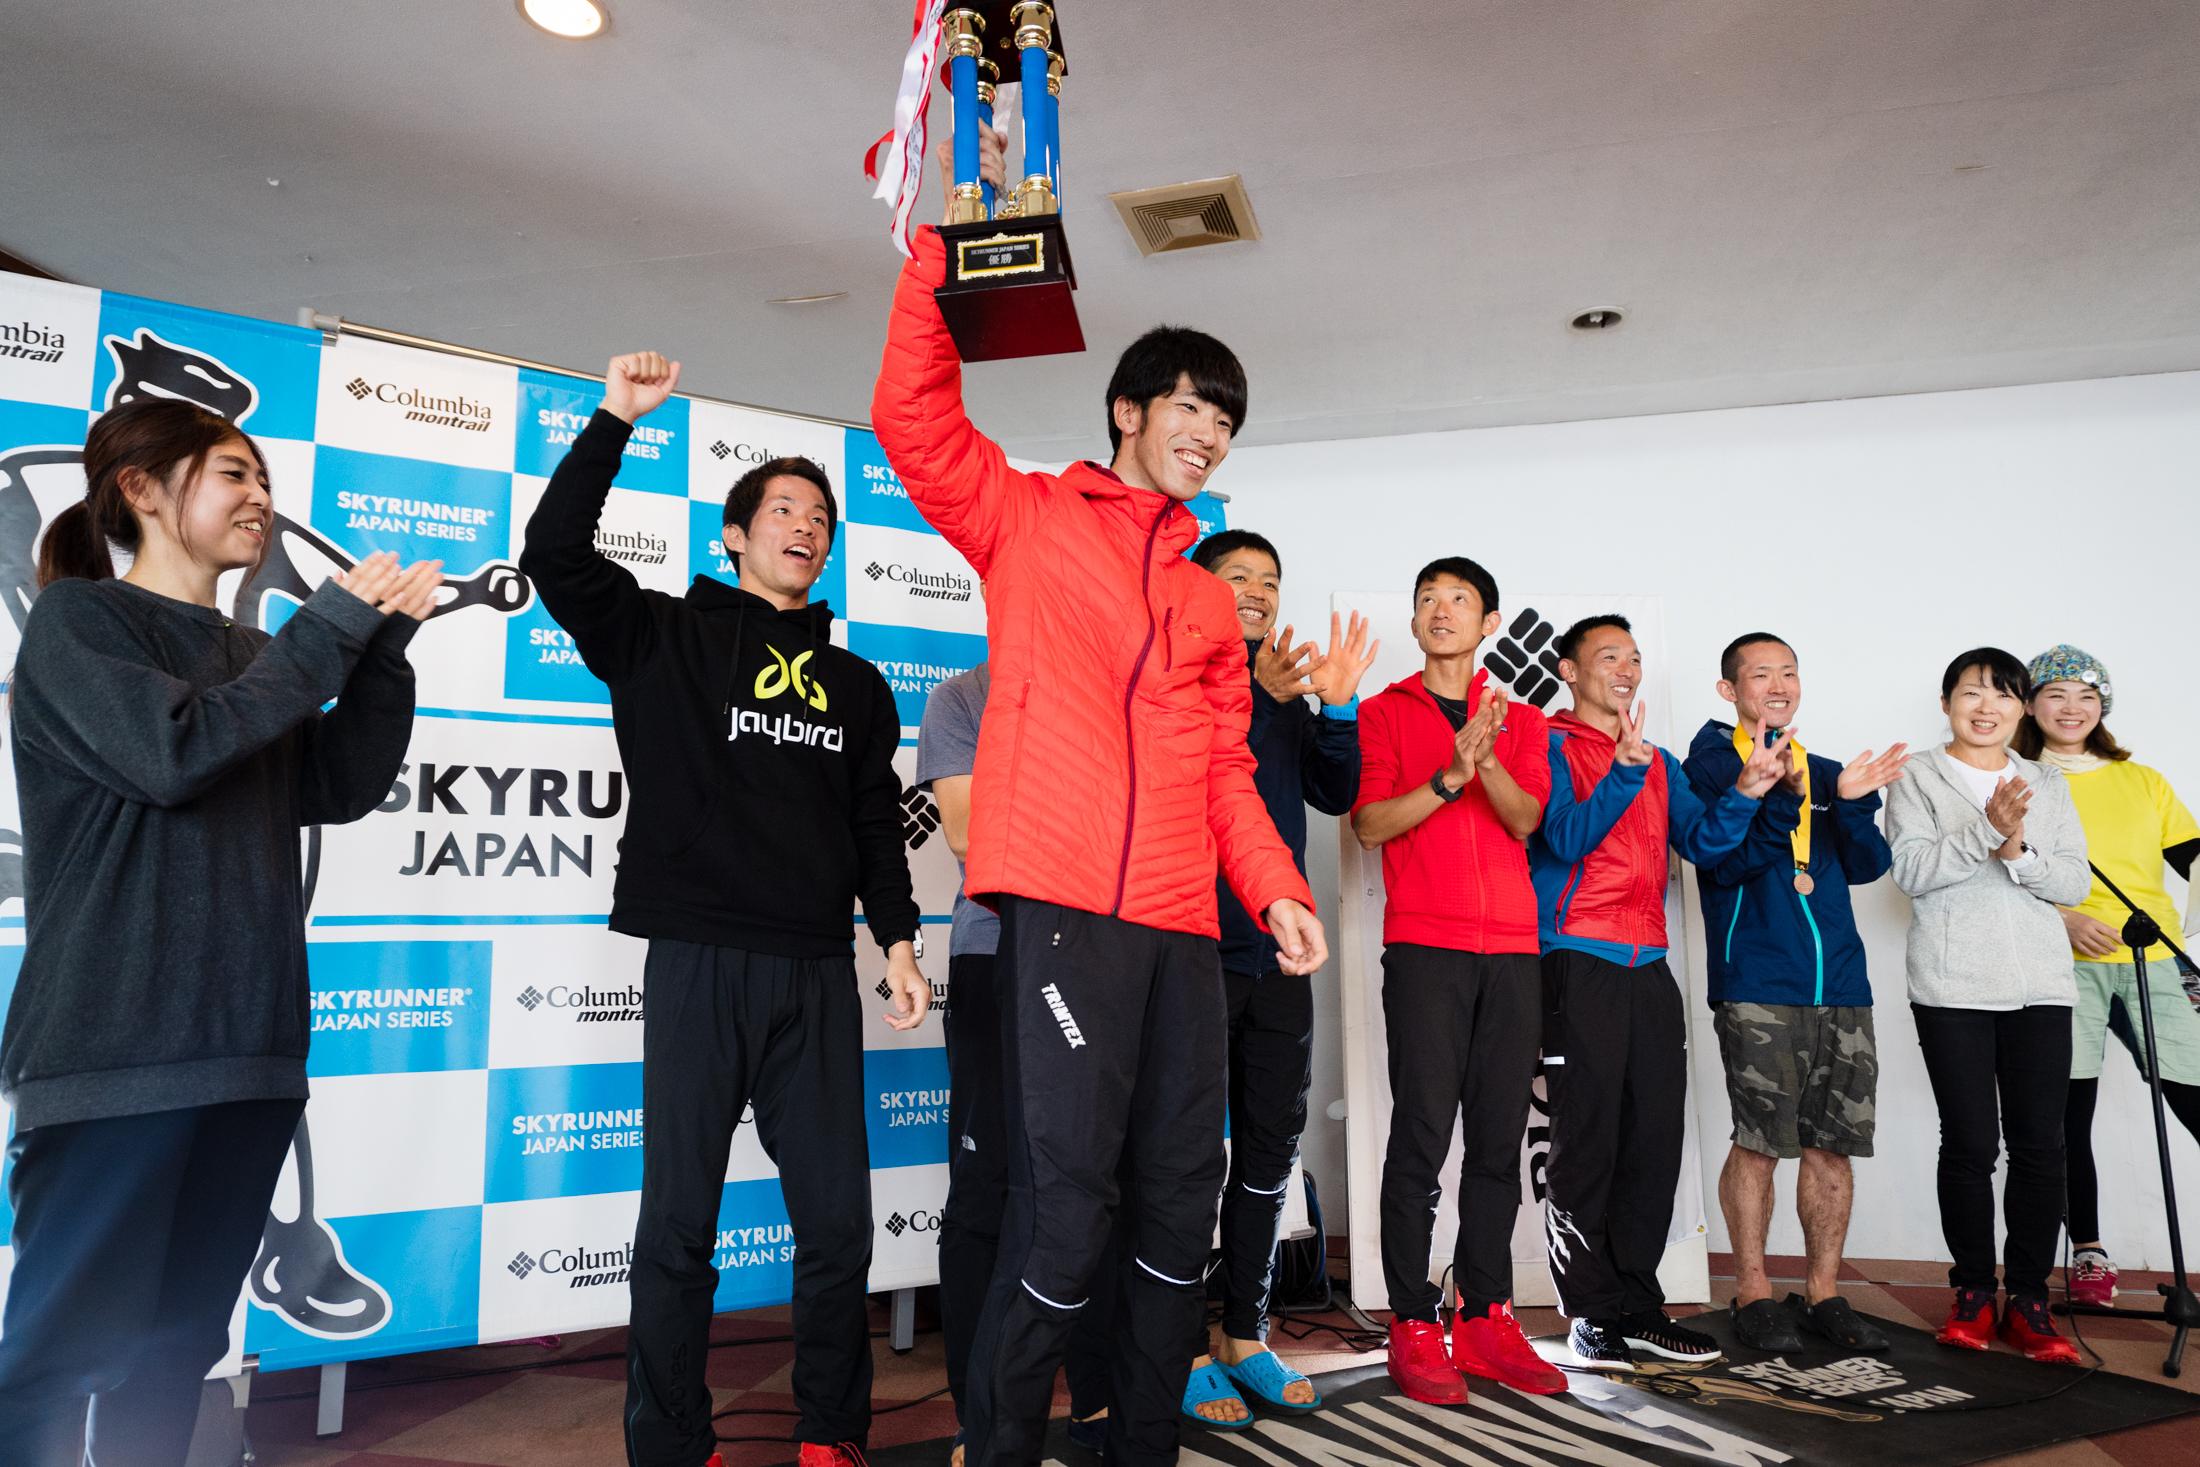 優勝トロフィーを高く掲げる富士空界(FUJI SKY)代表の涌嶋 ©びわ湖バレイスカイラン